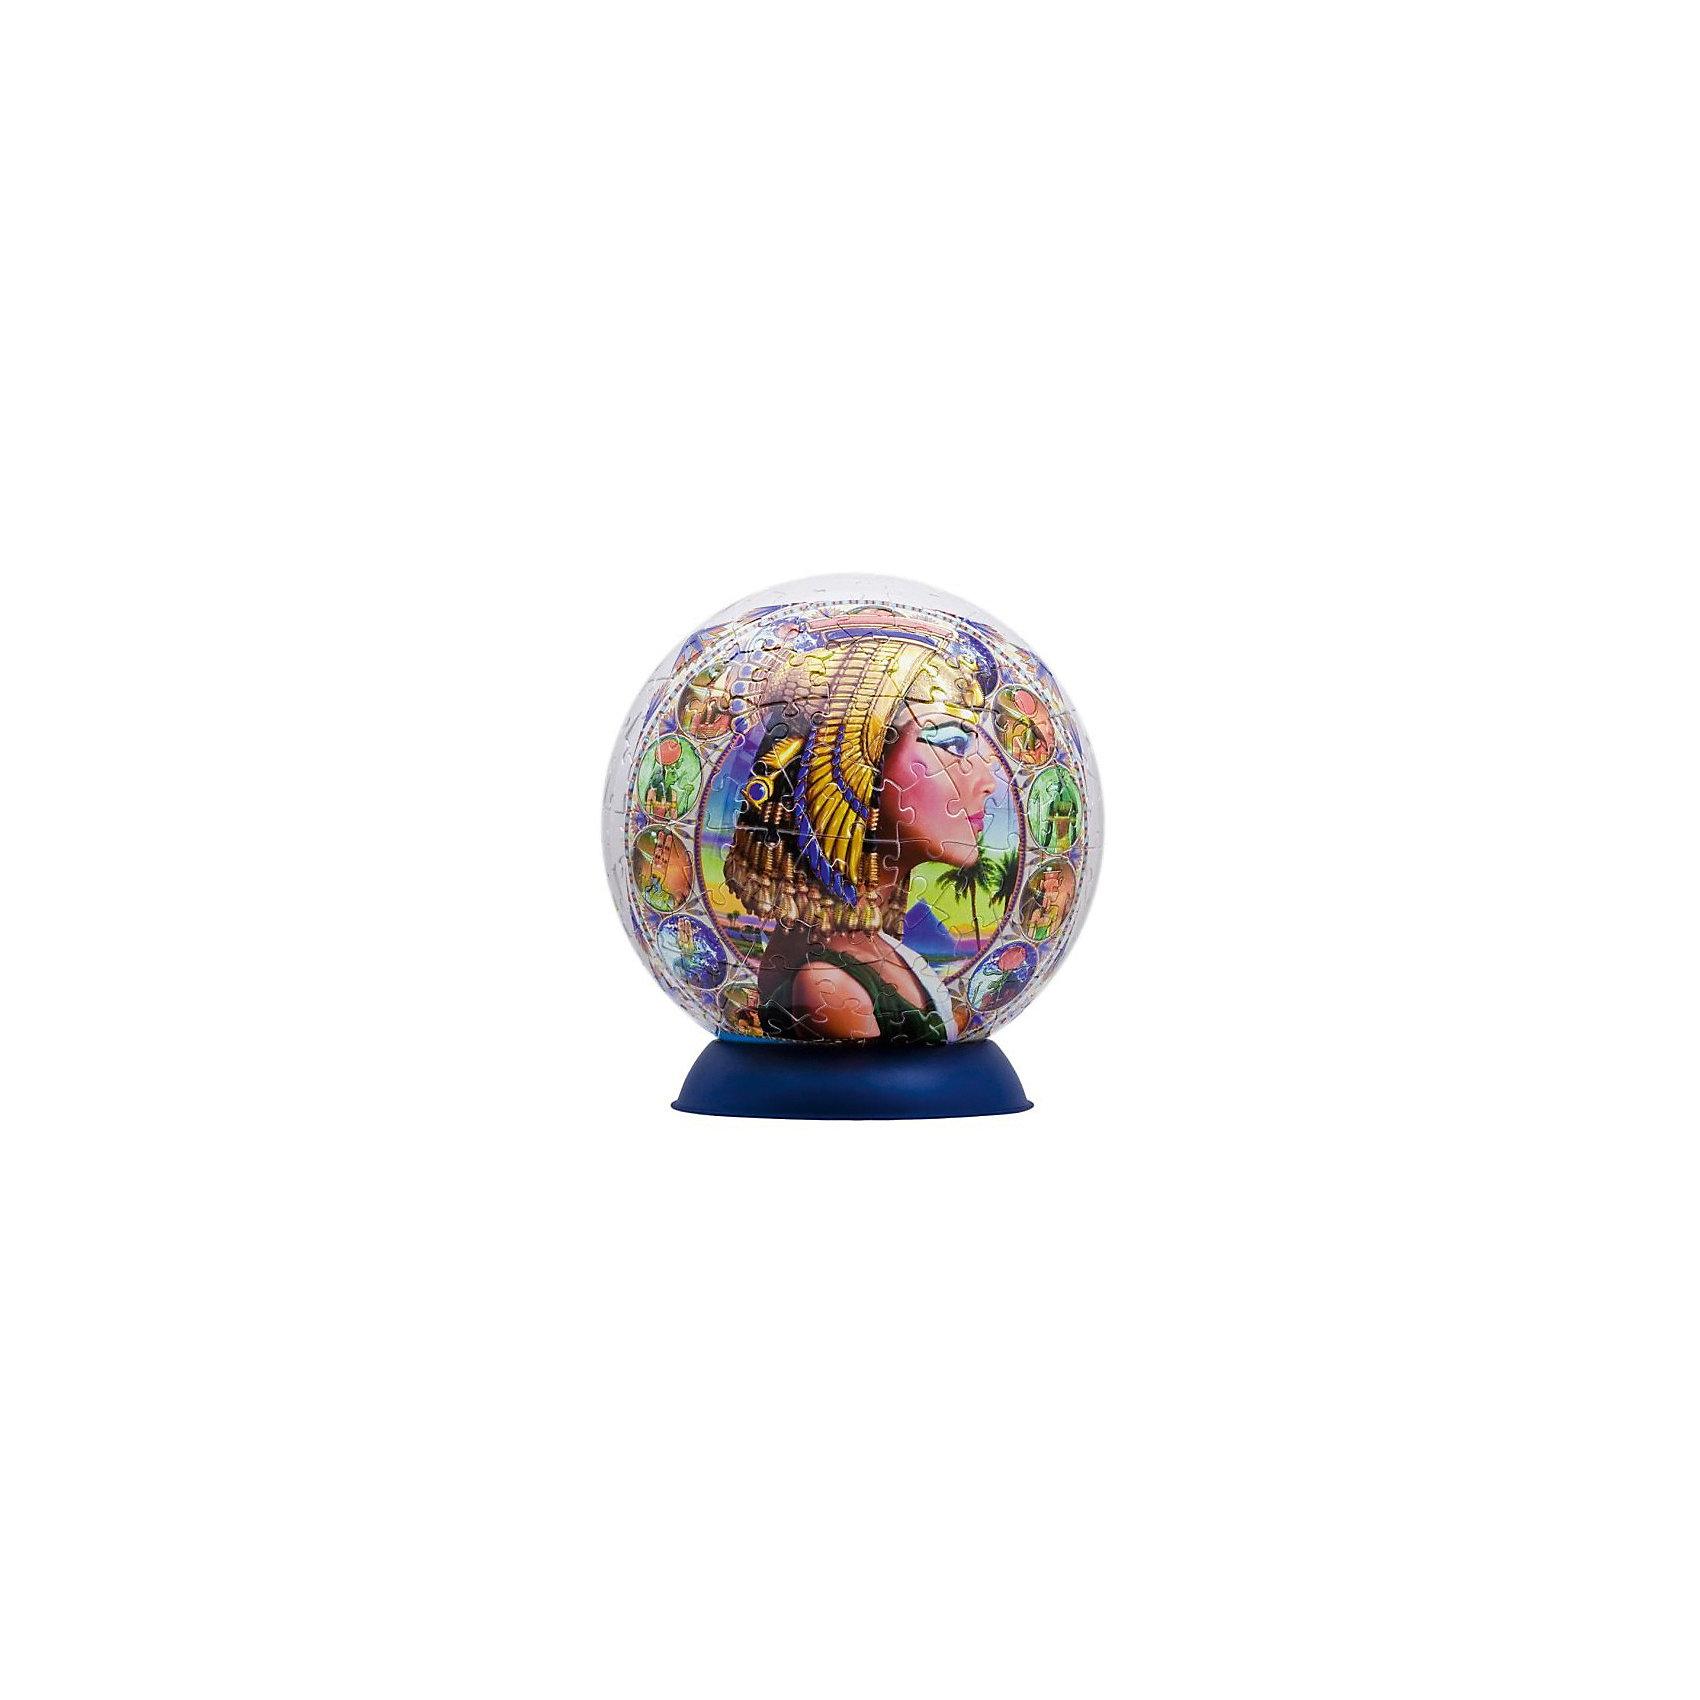 Пазл-шар Принцессы Египта, 240 деталей3D пазлы<br>Характеристики товара:<br><br>• возраст: от 6 лет;<br>• материал: пластик;<br>• в комплекте: 240 элементов, подставка;<br>• диаметр шара: 15 см;<br>• размер упаковки: 23х21,5х5 см;<br>• вес упаковки: 370 гр.;<br>• страна производитель: Россия.<br><br>Пазл-шар «Принцессы Египта» Step Puzzle — оригинальный пазл, элементы которого имеют изогнутую форму и собираются вместе, образуя шар. Собрав его, получается объемная фигура с изображениями египетских принцесс.<br><br>В процессе сборки пазла развиваются мелкая моторика рук, усидчивость, внимательность, логическое мышление. Все детали выполнены из качественного прочного пластика и надежно скрепляются между собой.<br><br>Пазл-шар «Принцессы Египта» Step Puzzle можно приобрести в нашем интернет-магазине.<br><br>Ширина мм: 230<br>Глубина мм: 215<br>Высота мм: 50<br>Вес г: 370<br>Возраст от месяцев: 72<br>Возраст до месяцев: 2147483647<br>Пол: Унисекс<br>Возраст: Детский<br>Количество деталей: 240<br>SKU: 5346222